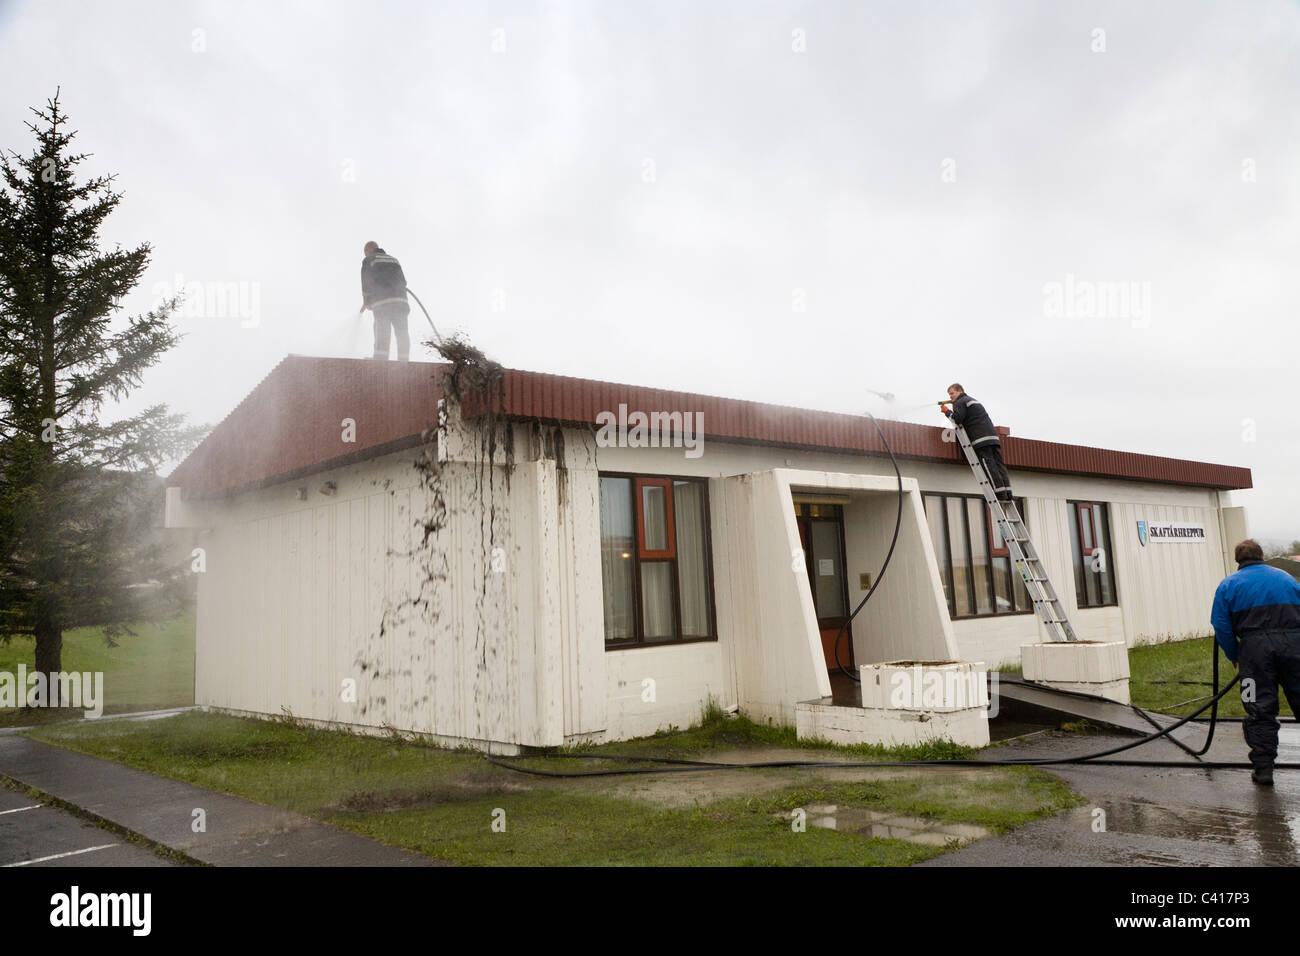 Iceland, Kirkjubaejarklaustur, 25.May 2011: The aftermath of the volcanic eruption in Grimsvotn, Vatnajokull glacier, - Stock Image